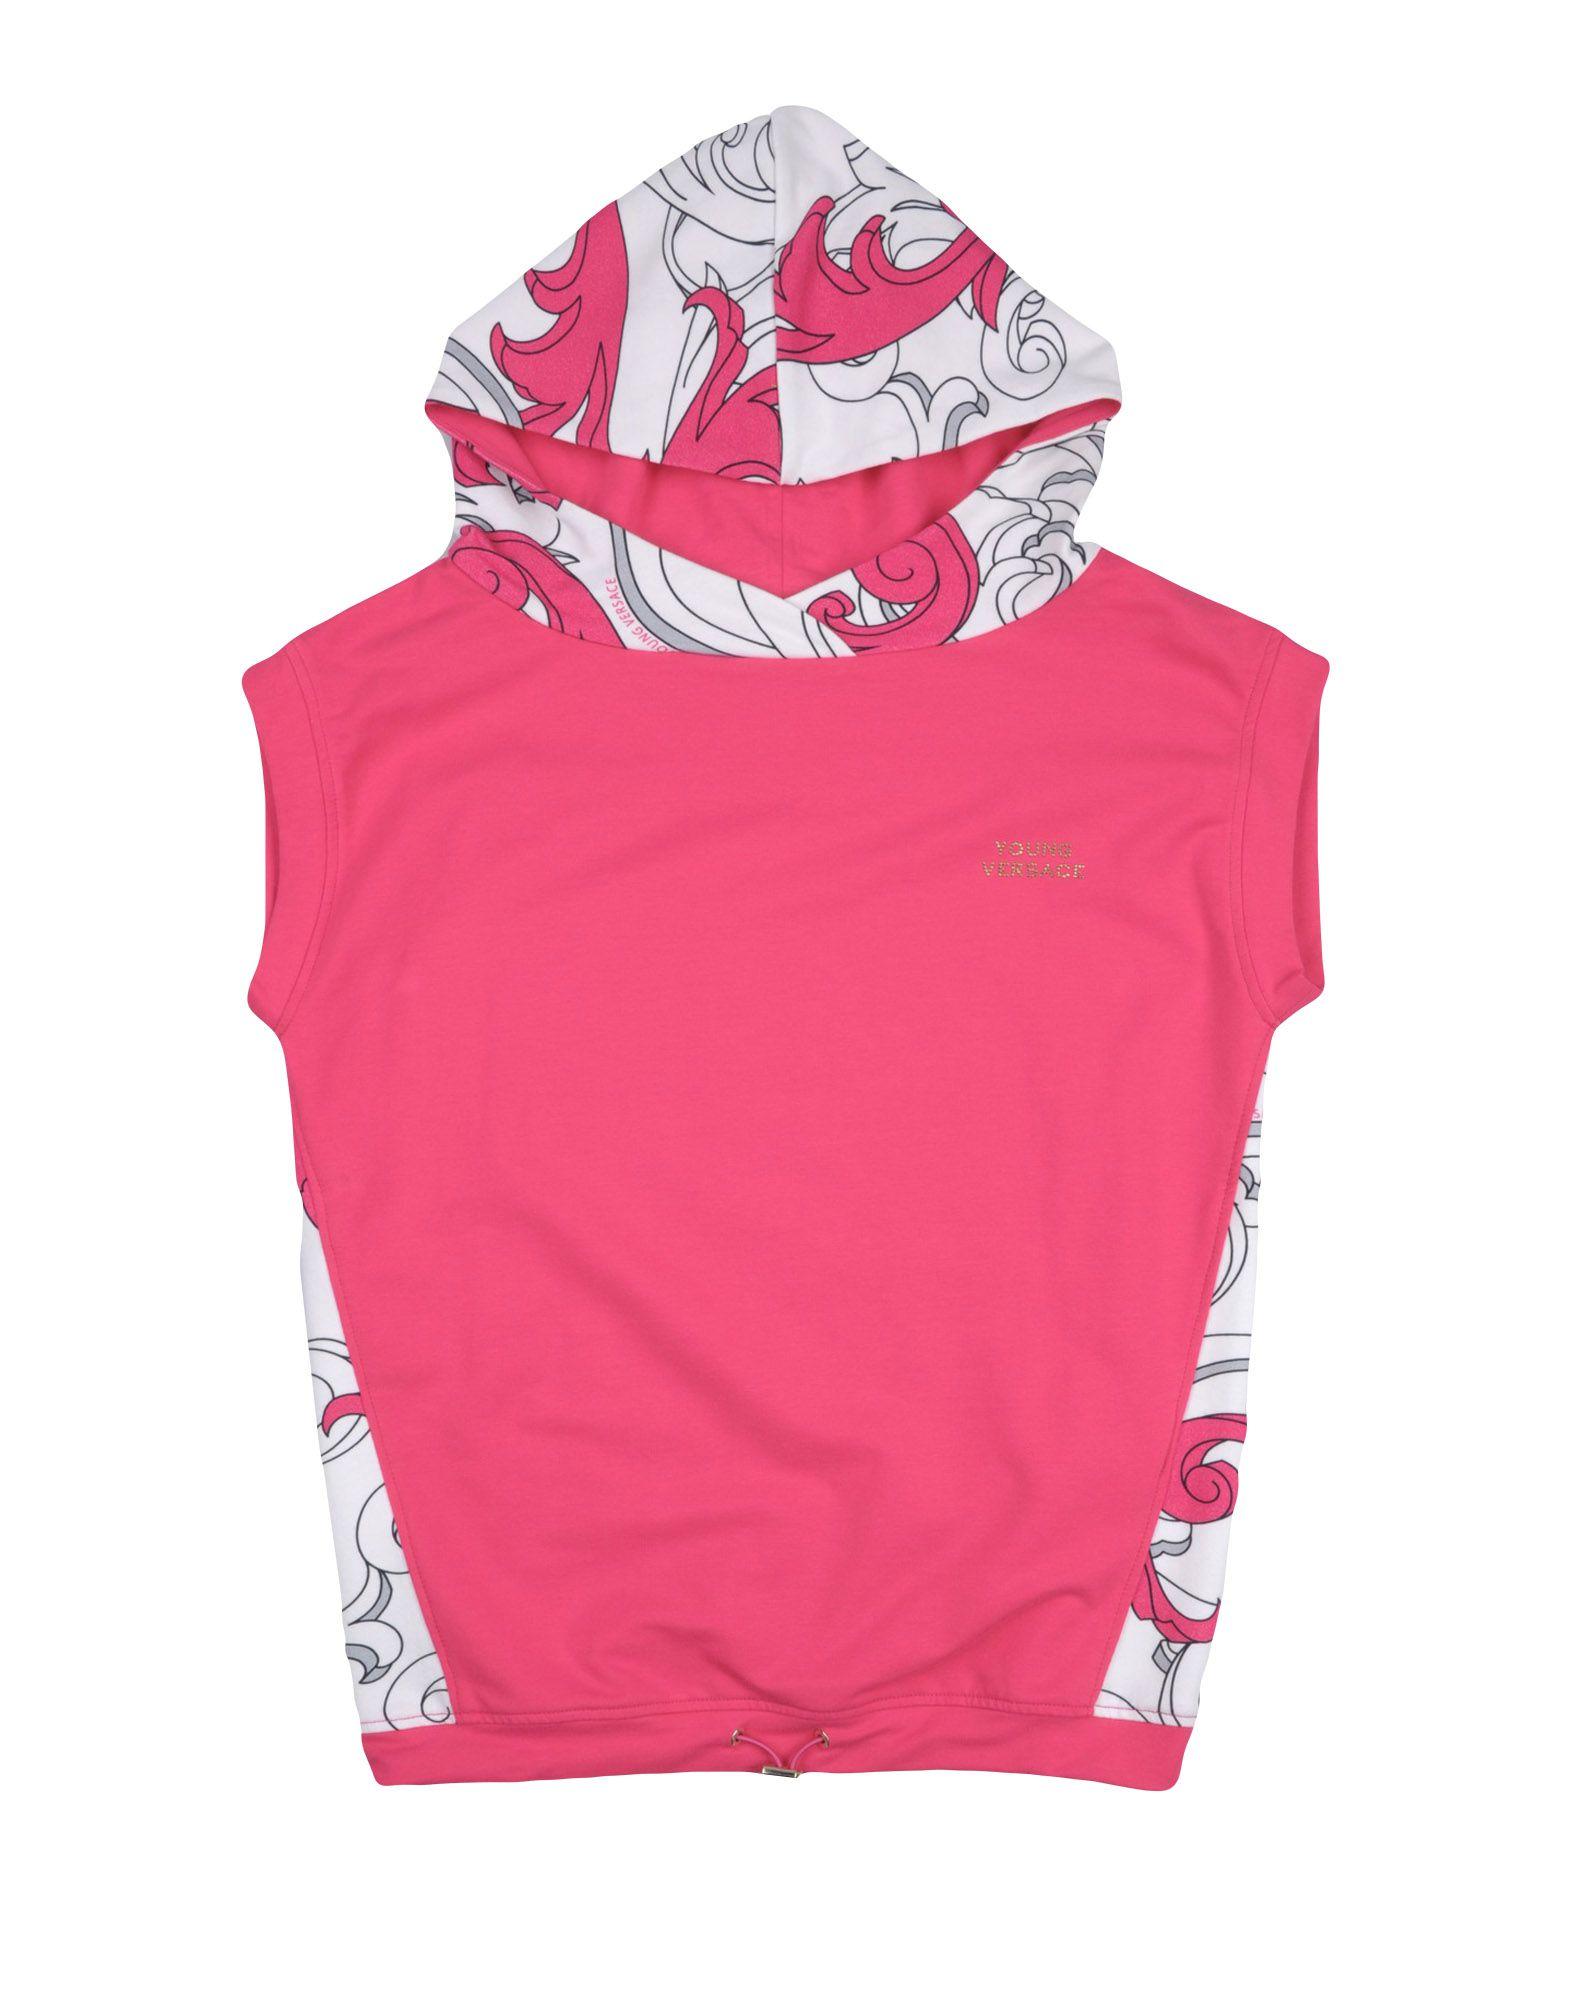 VERSACE YOUNG Mädchen 9-16 jahre Sweatshirt Farbe Fuchsia Größe 5 jetztbilligerkaufen